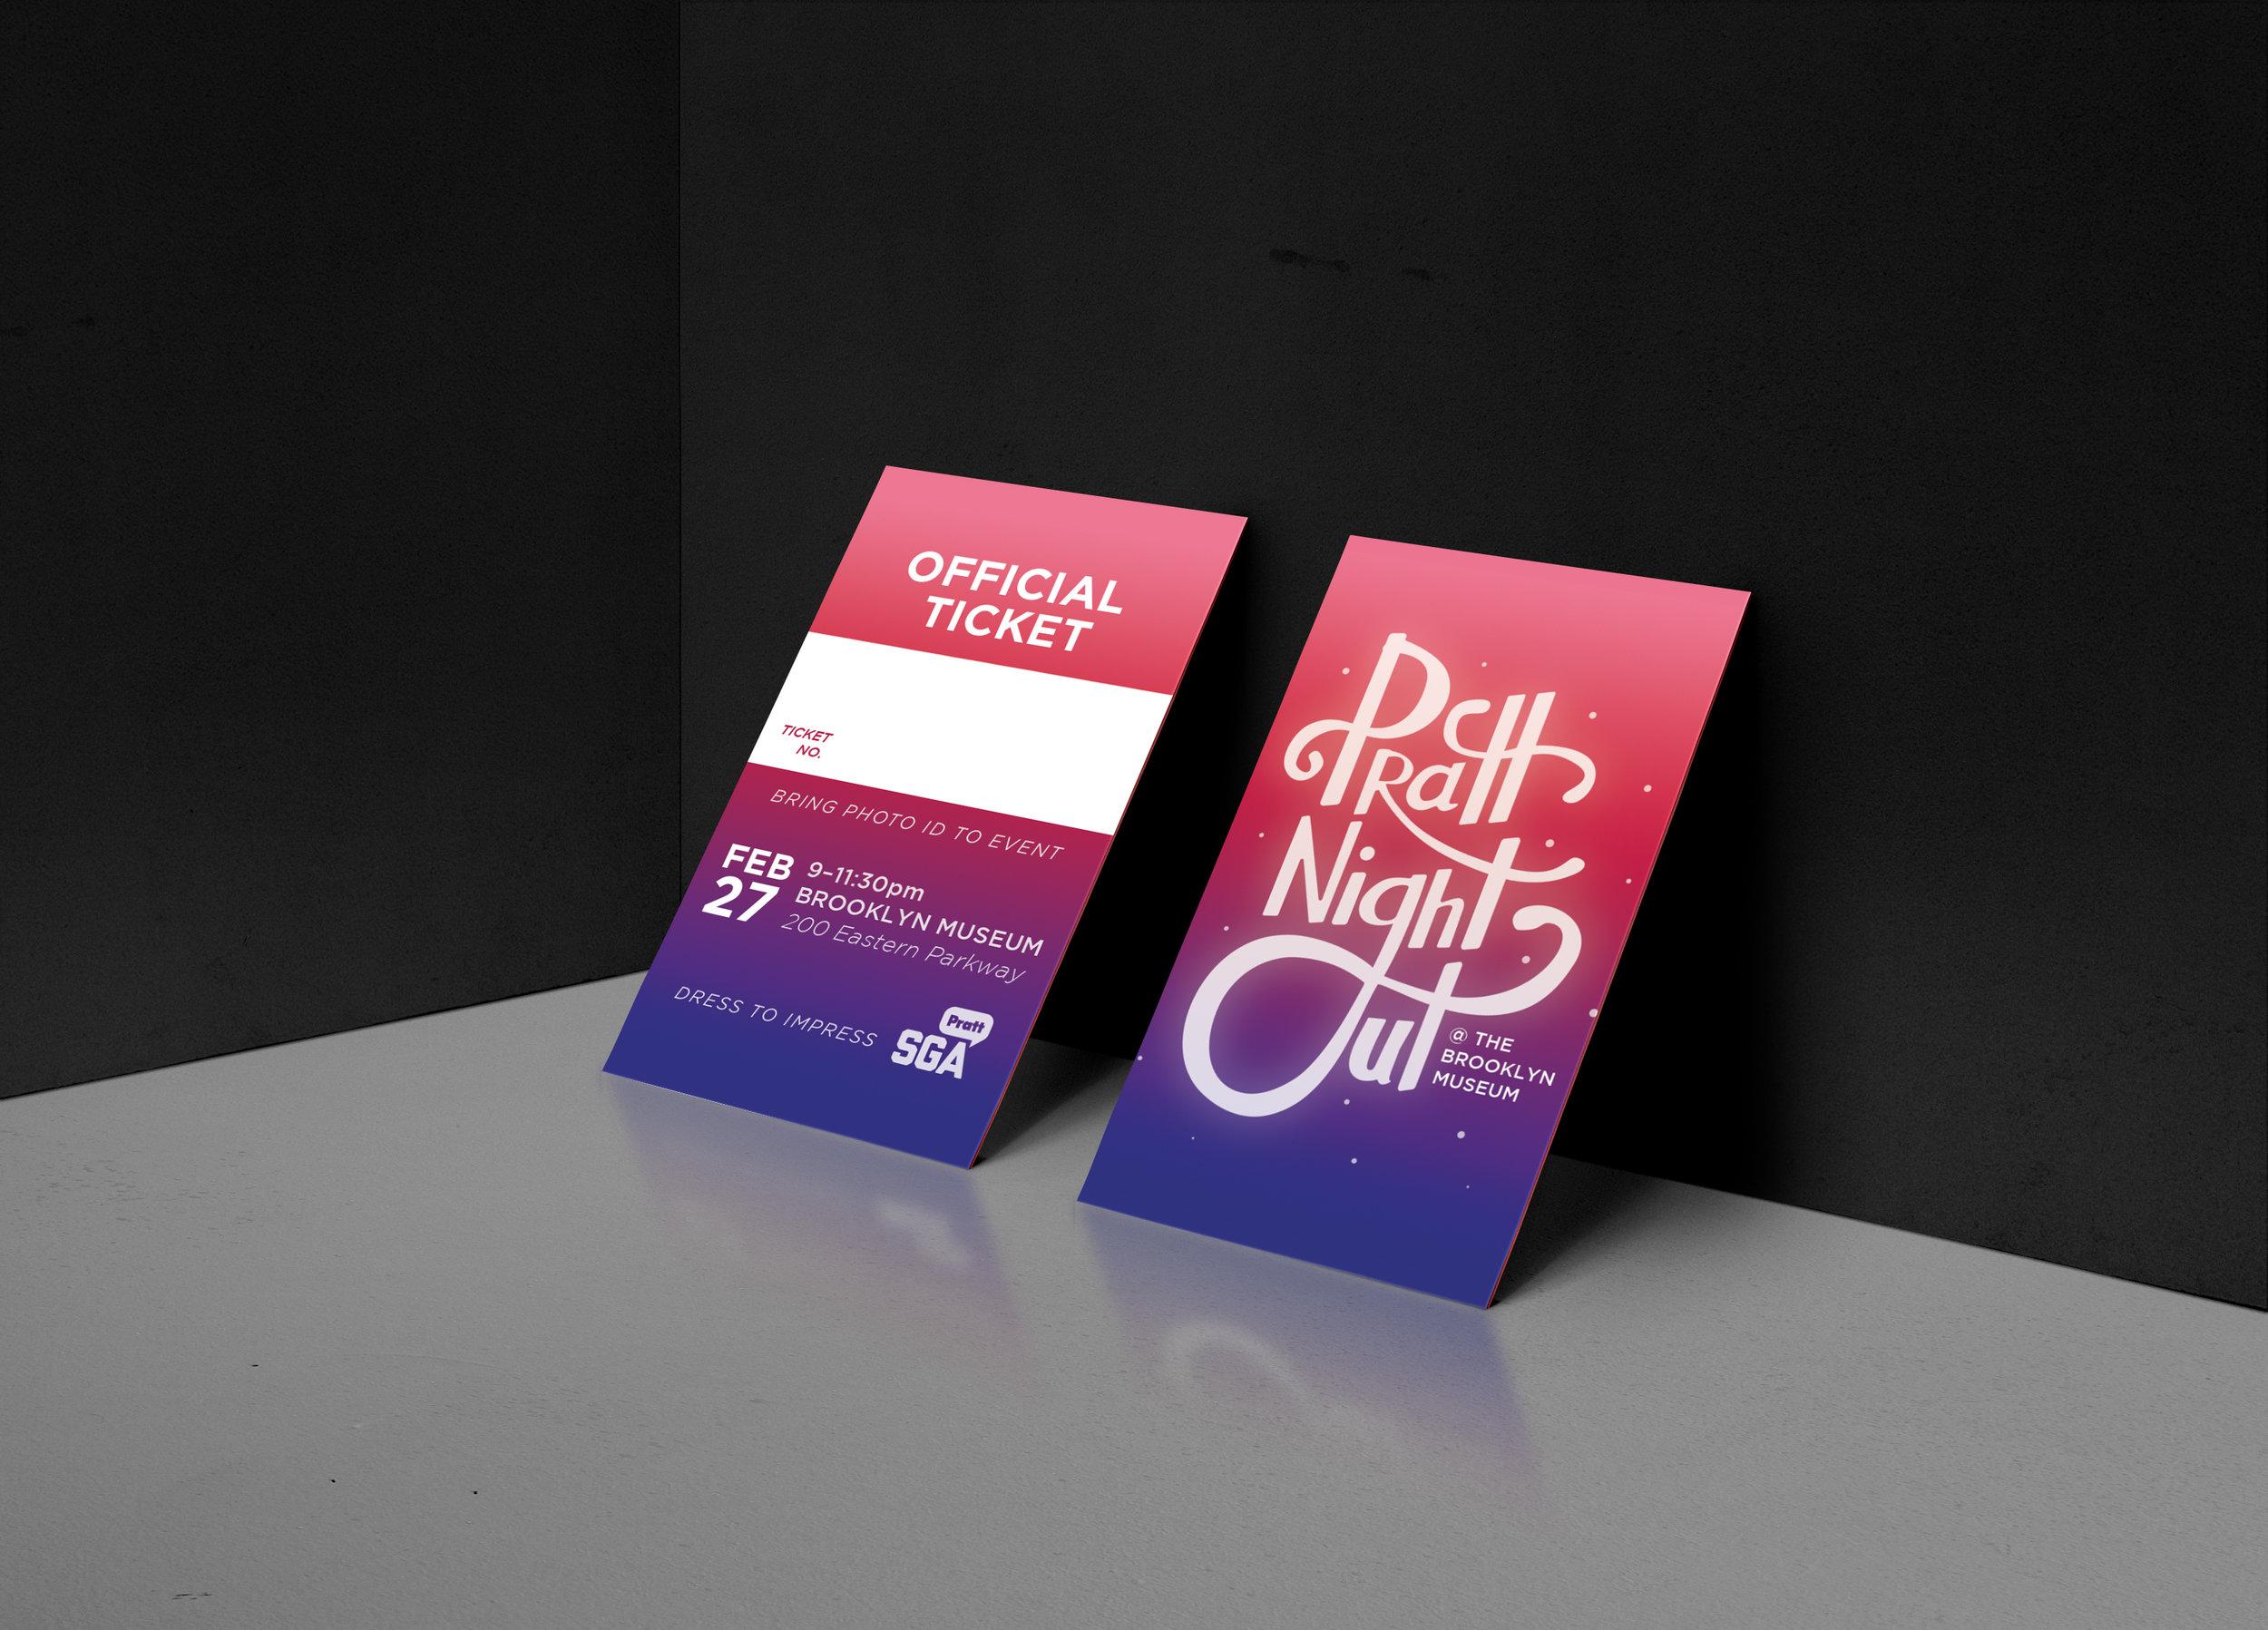 Business-Card-Mockup for website.jpg